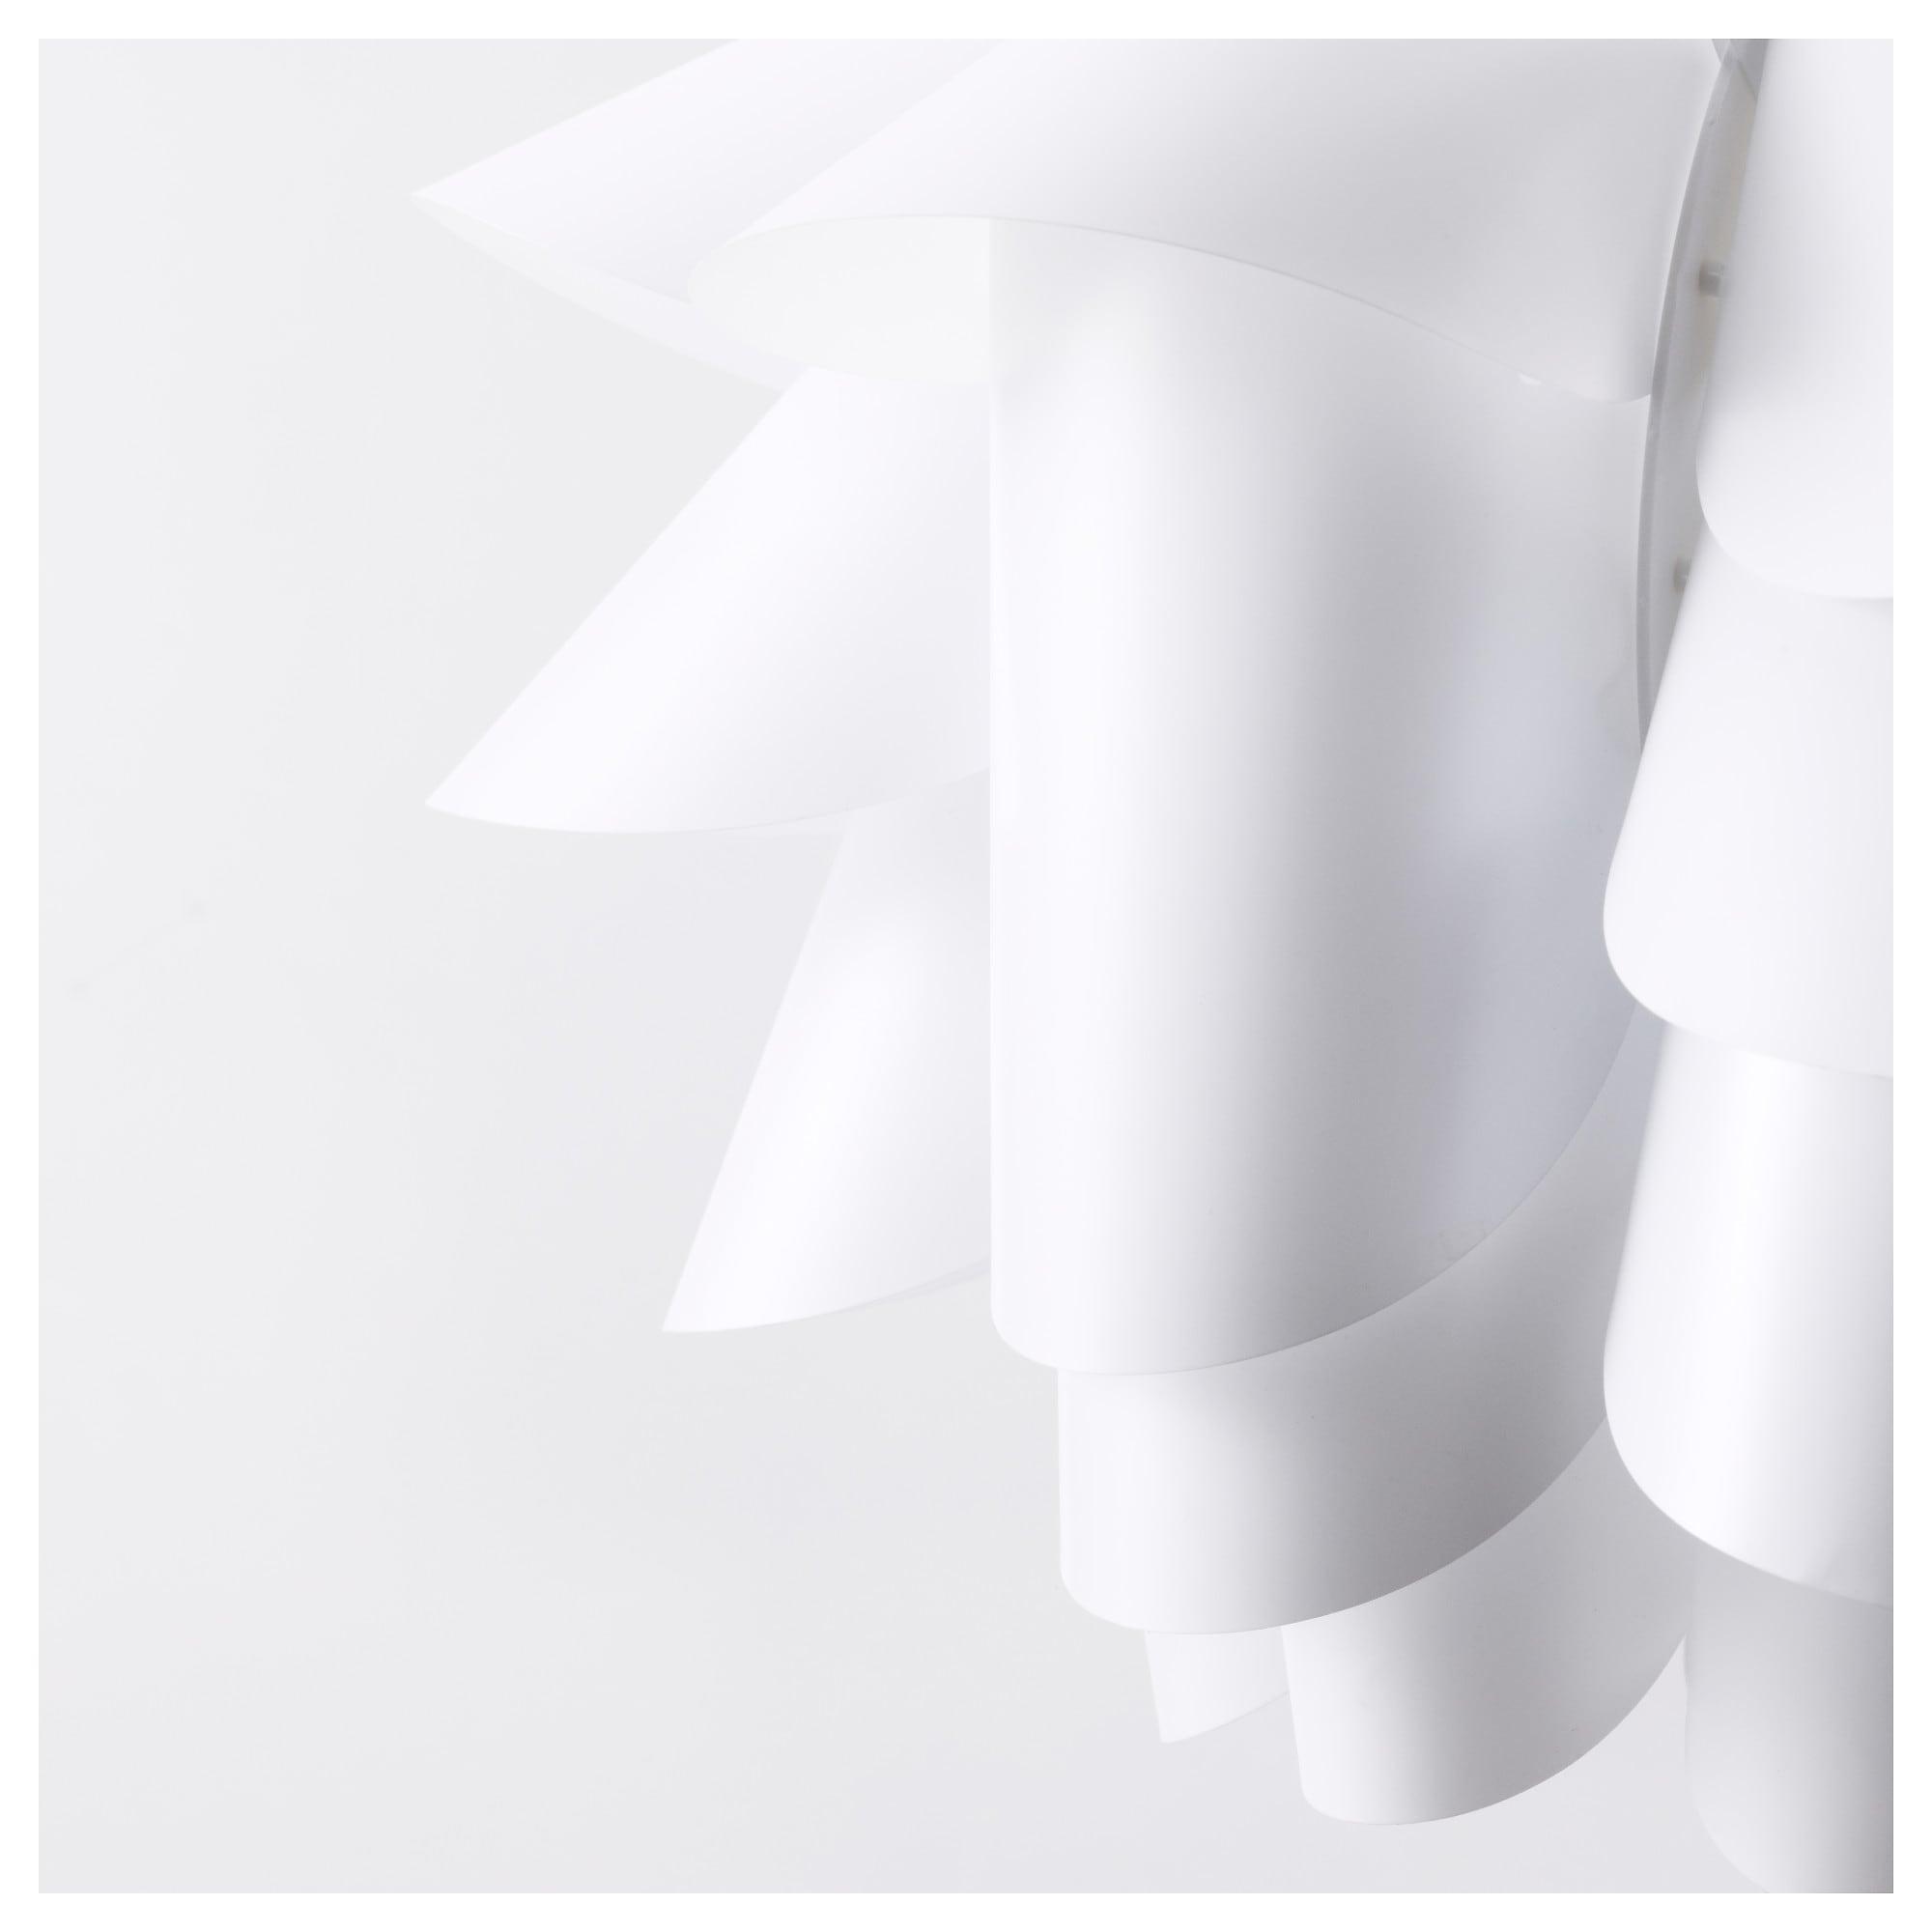 Full Size of Ikea Knappa Hngeleuchte In Wei Hngebeleuchtung Hngelampe Lampe Küche Kaufen Miniküche Betten 160x200 Hängelampe Wohnzimmer Kosten Bei Modulküche Sofa Mit Wohnzimmer Ikea Hängelampe